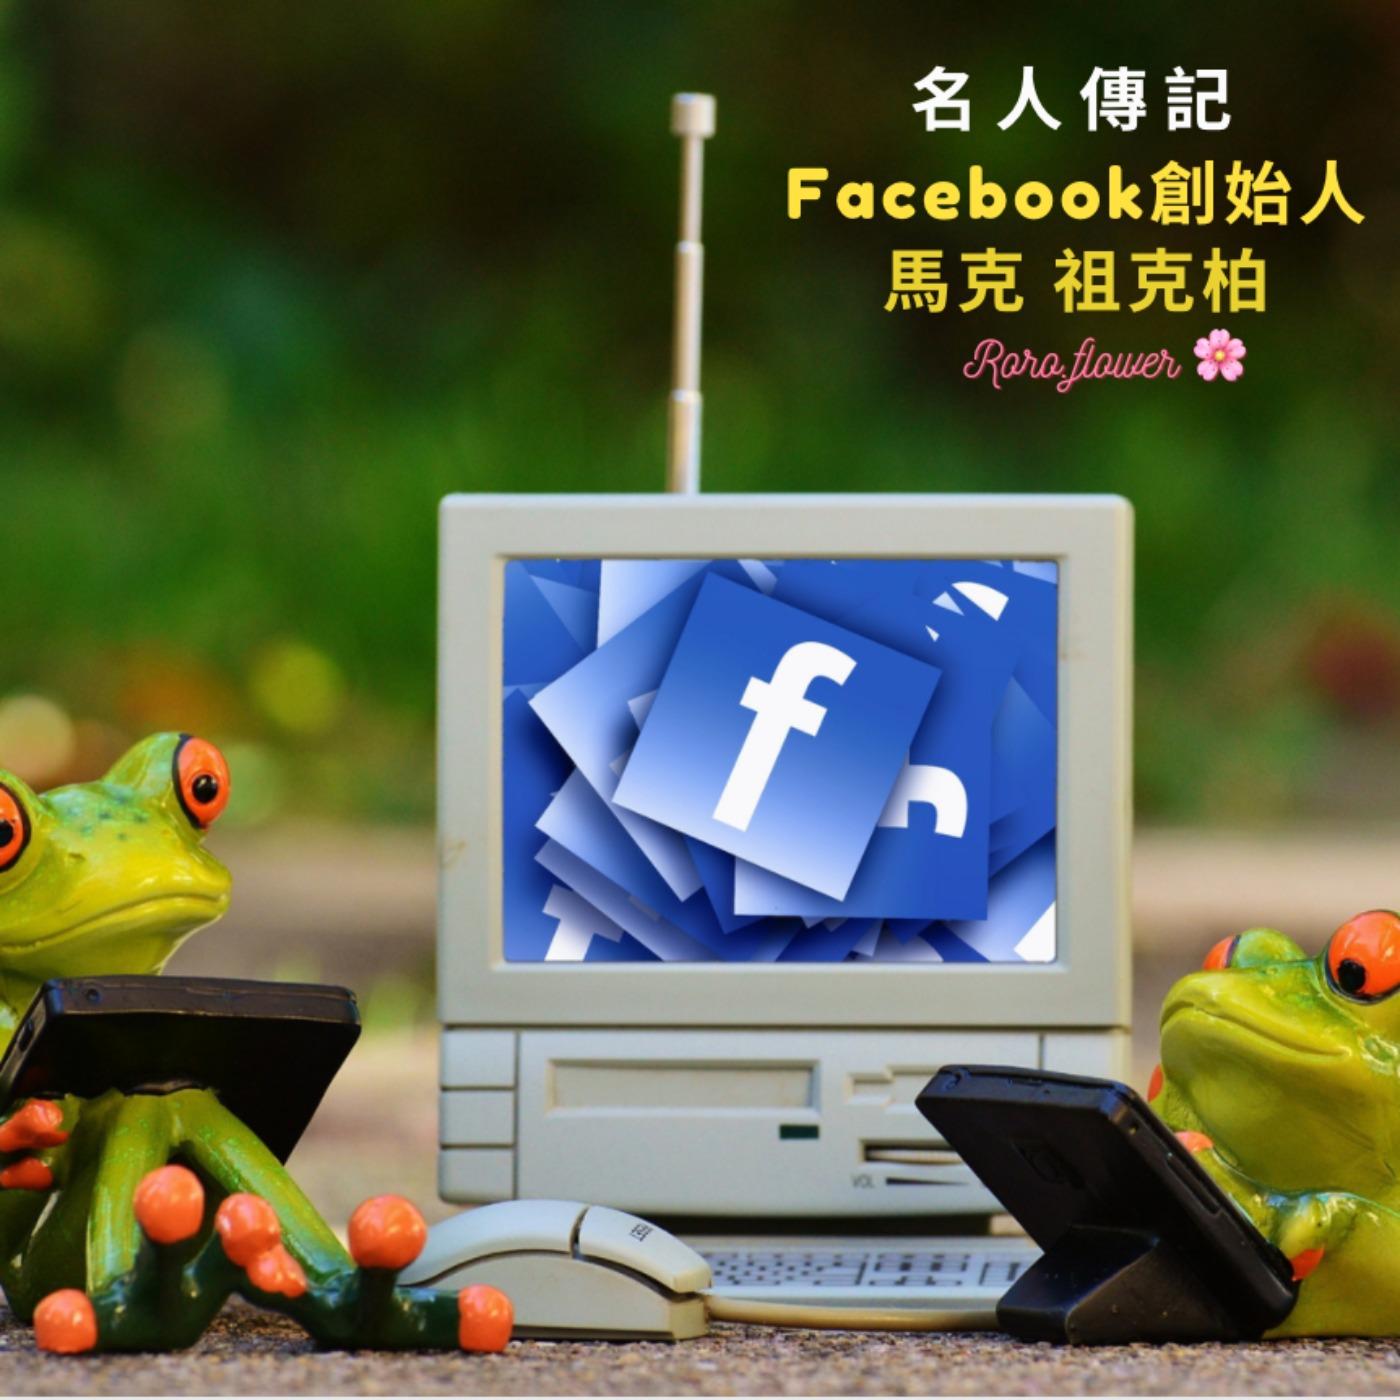 名人傳記:Facebook創辦人⭐ 馬克·祖克柏